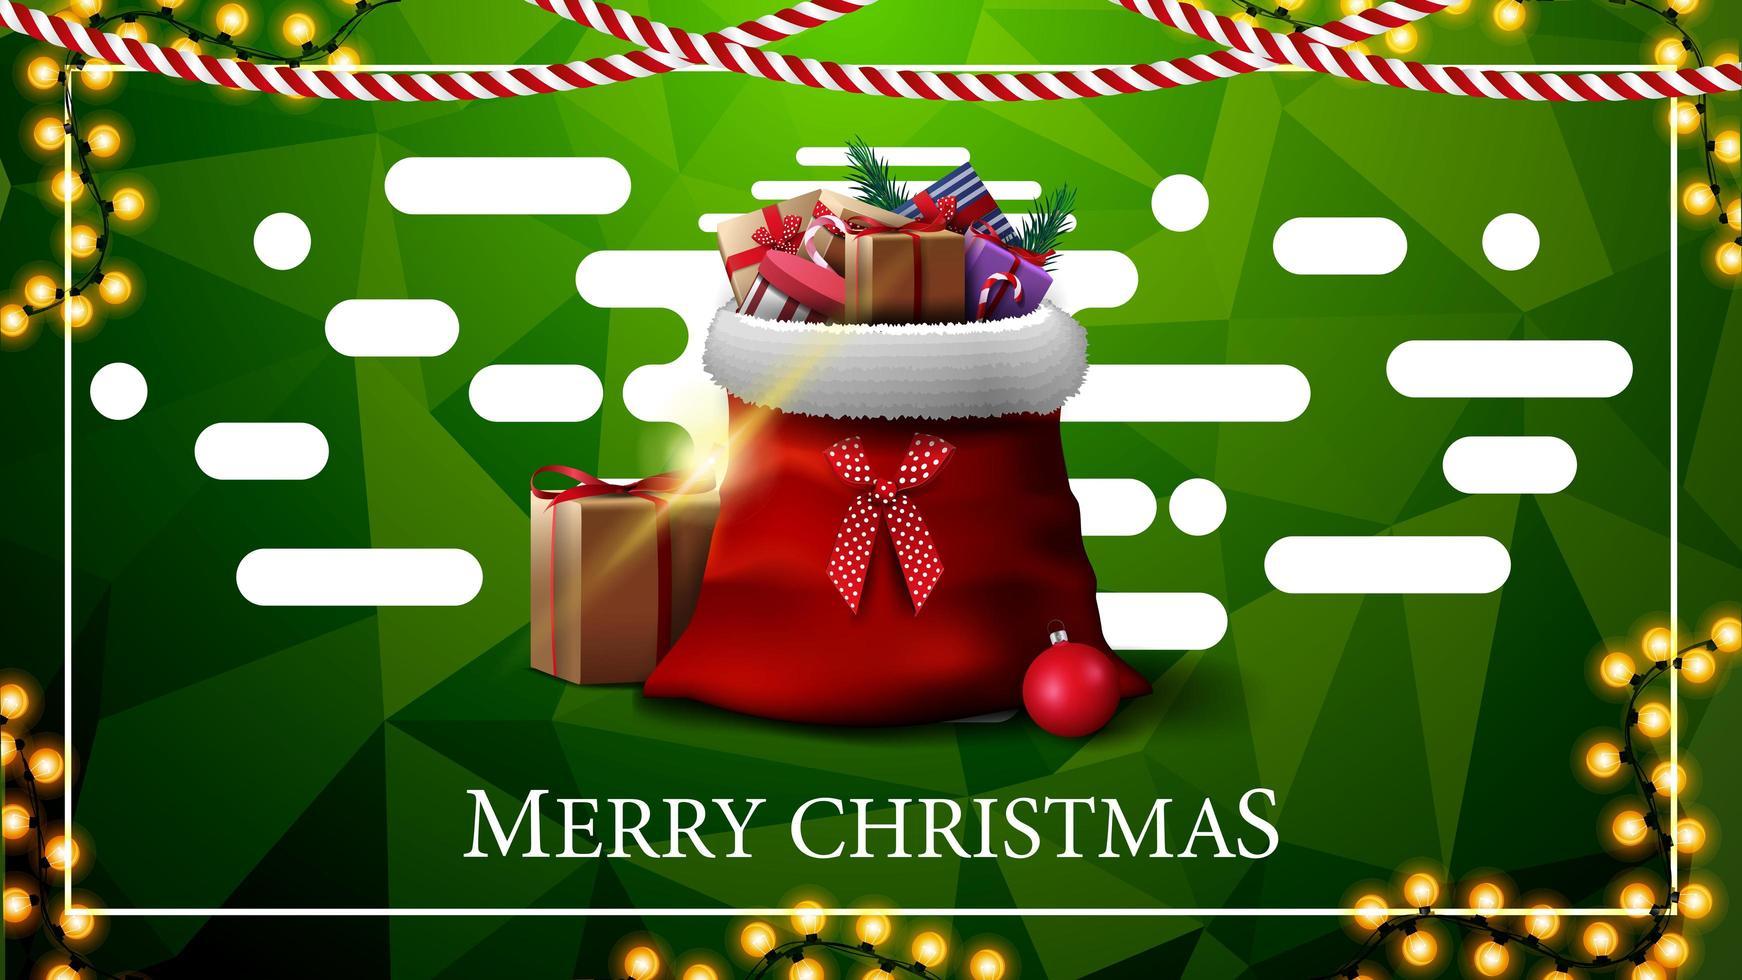 vrolijk kerstfeest, groene ansichtkaart met slingers, veelhoekige textuur, abstracte vloeibare vormen en kerstmanzak met cadeautjes vector